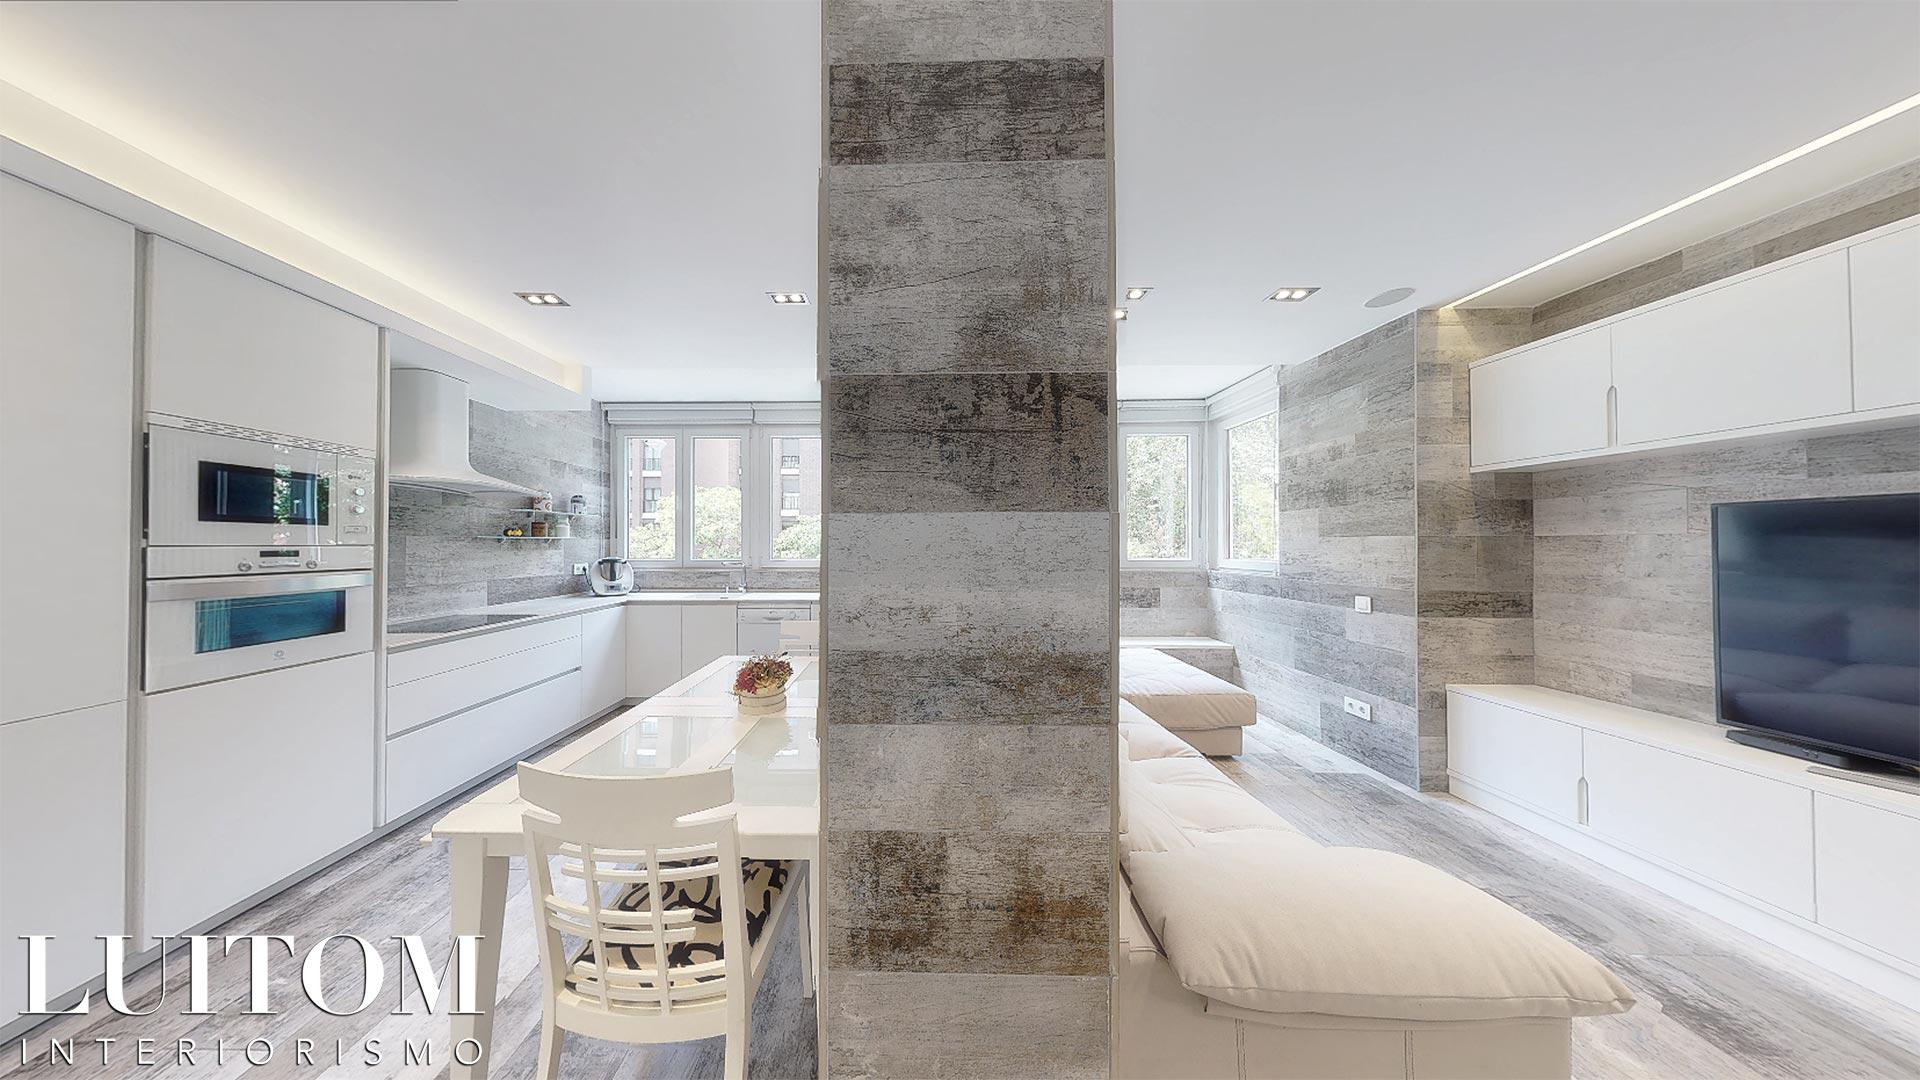 reformas-interiorismo-decoracion-reforma-integral-vivienda-en-retiro-arquitectos-madrid-integrar-salon-cocina-06